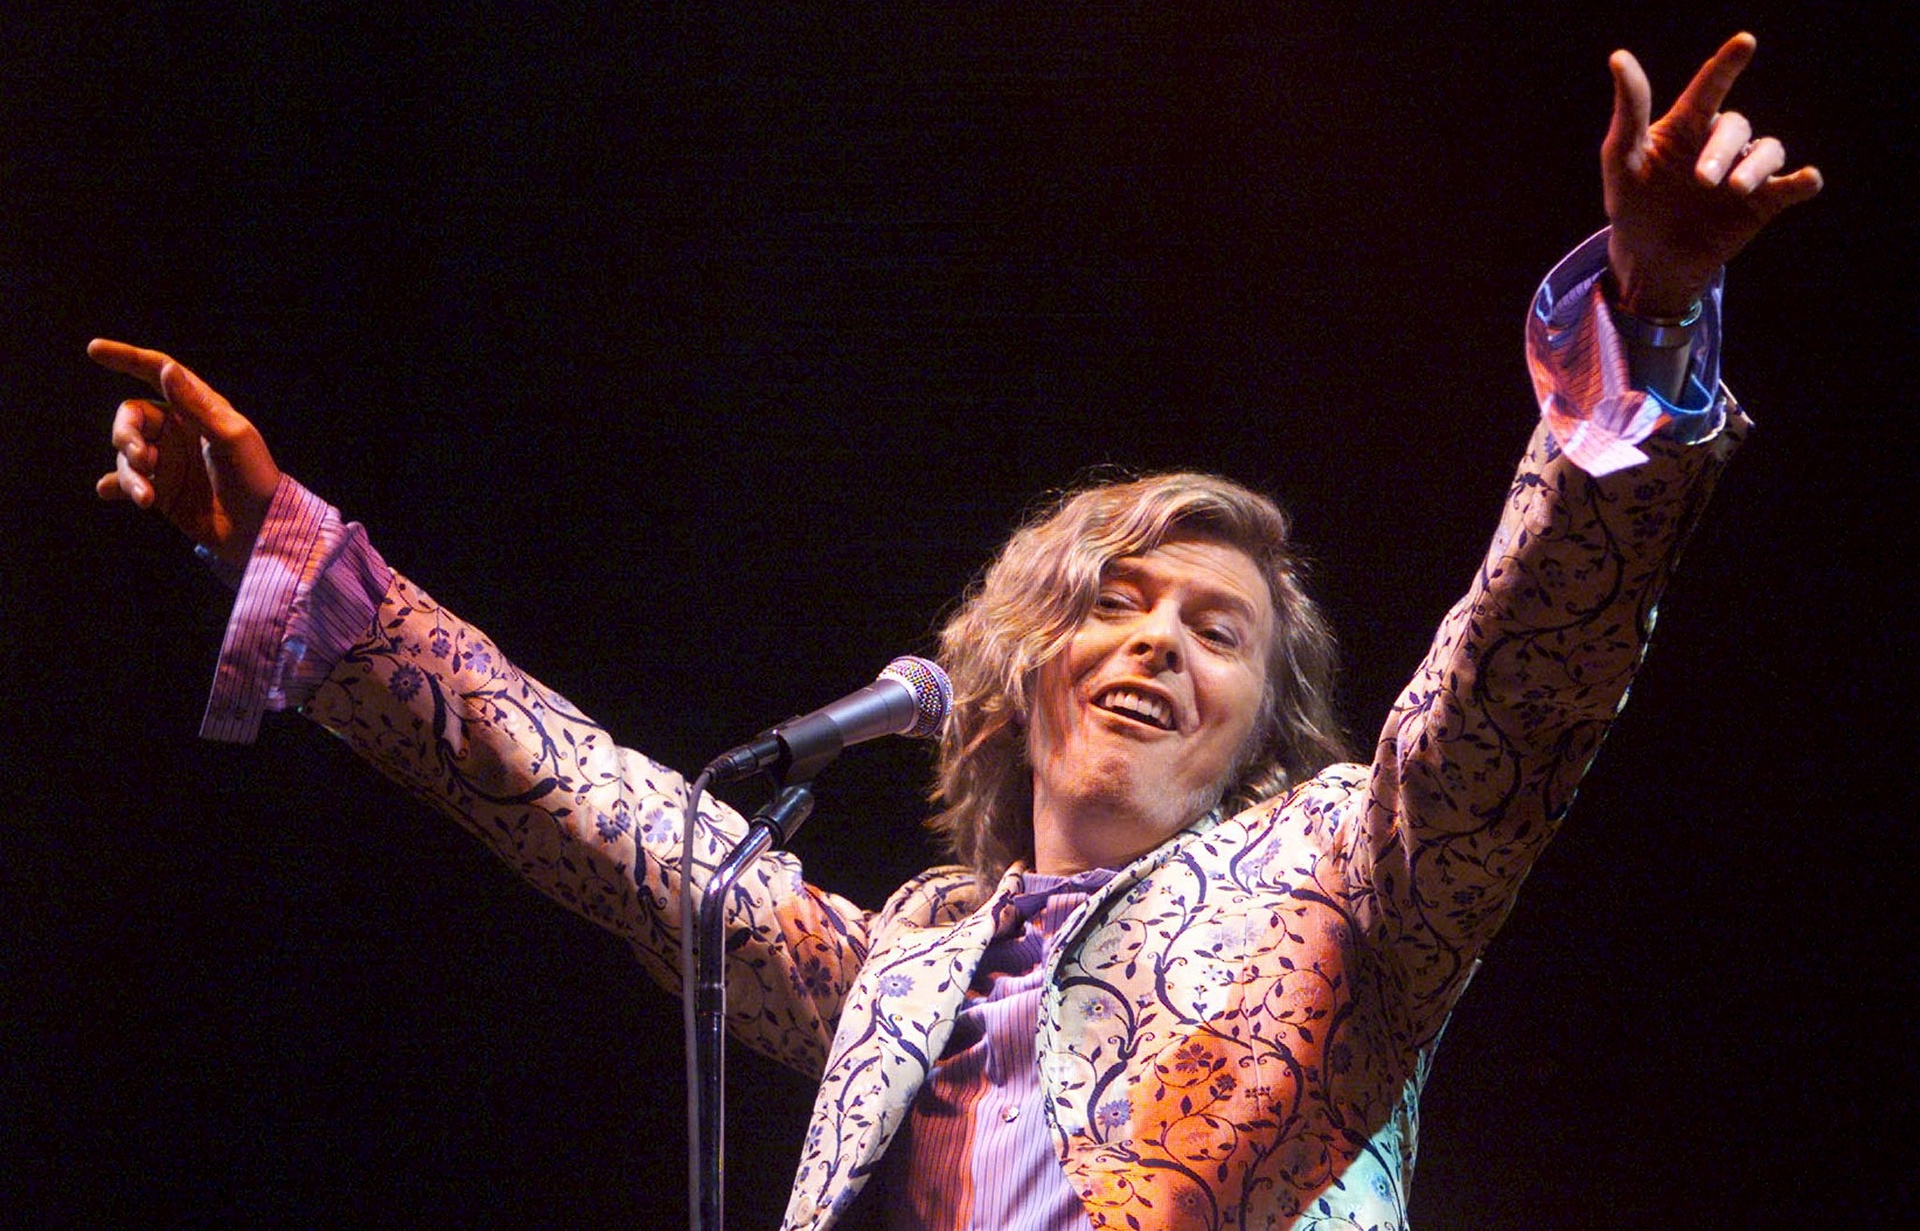 Дейвид като хедлайнер на фестивала Glastonbury Festival през 2000 Фотография Дан Чунг за Гардиън